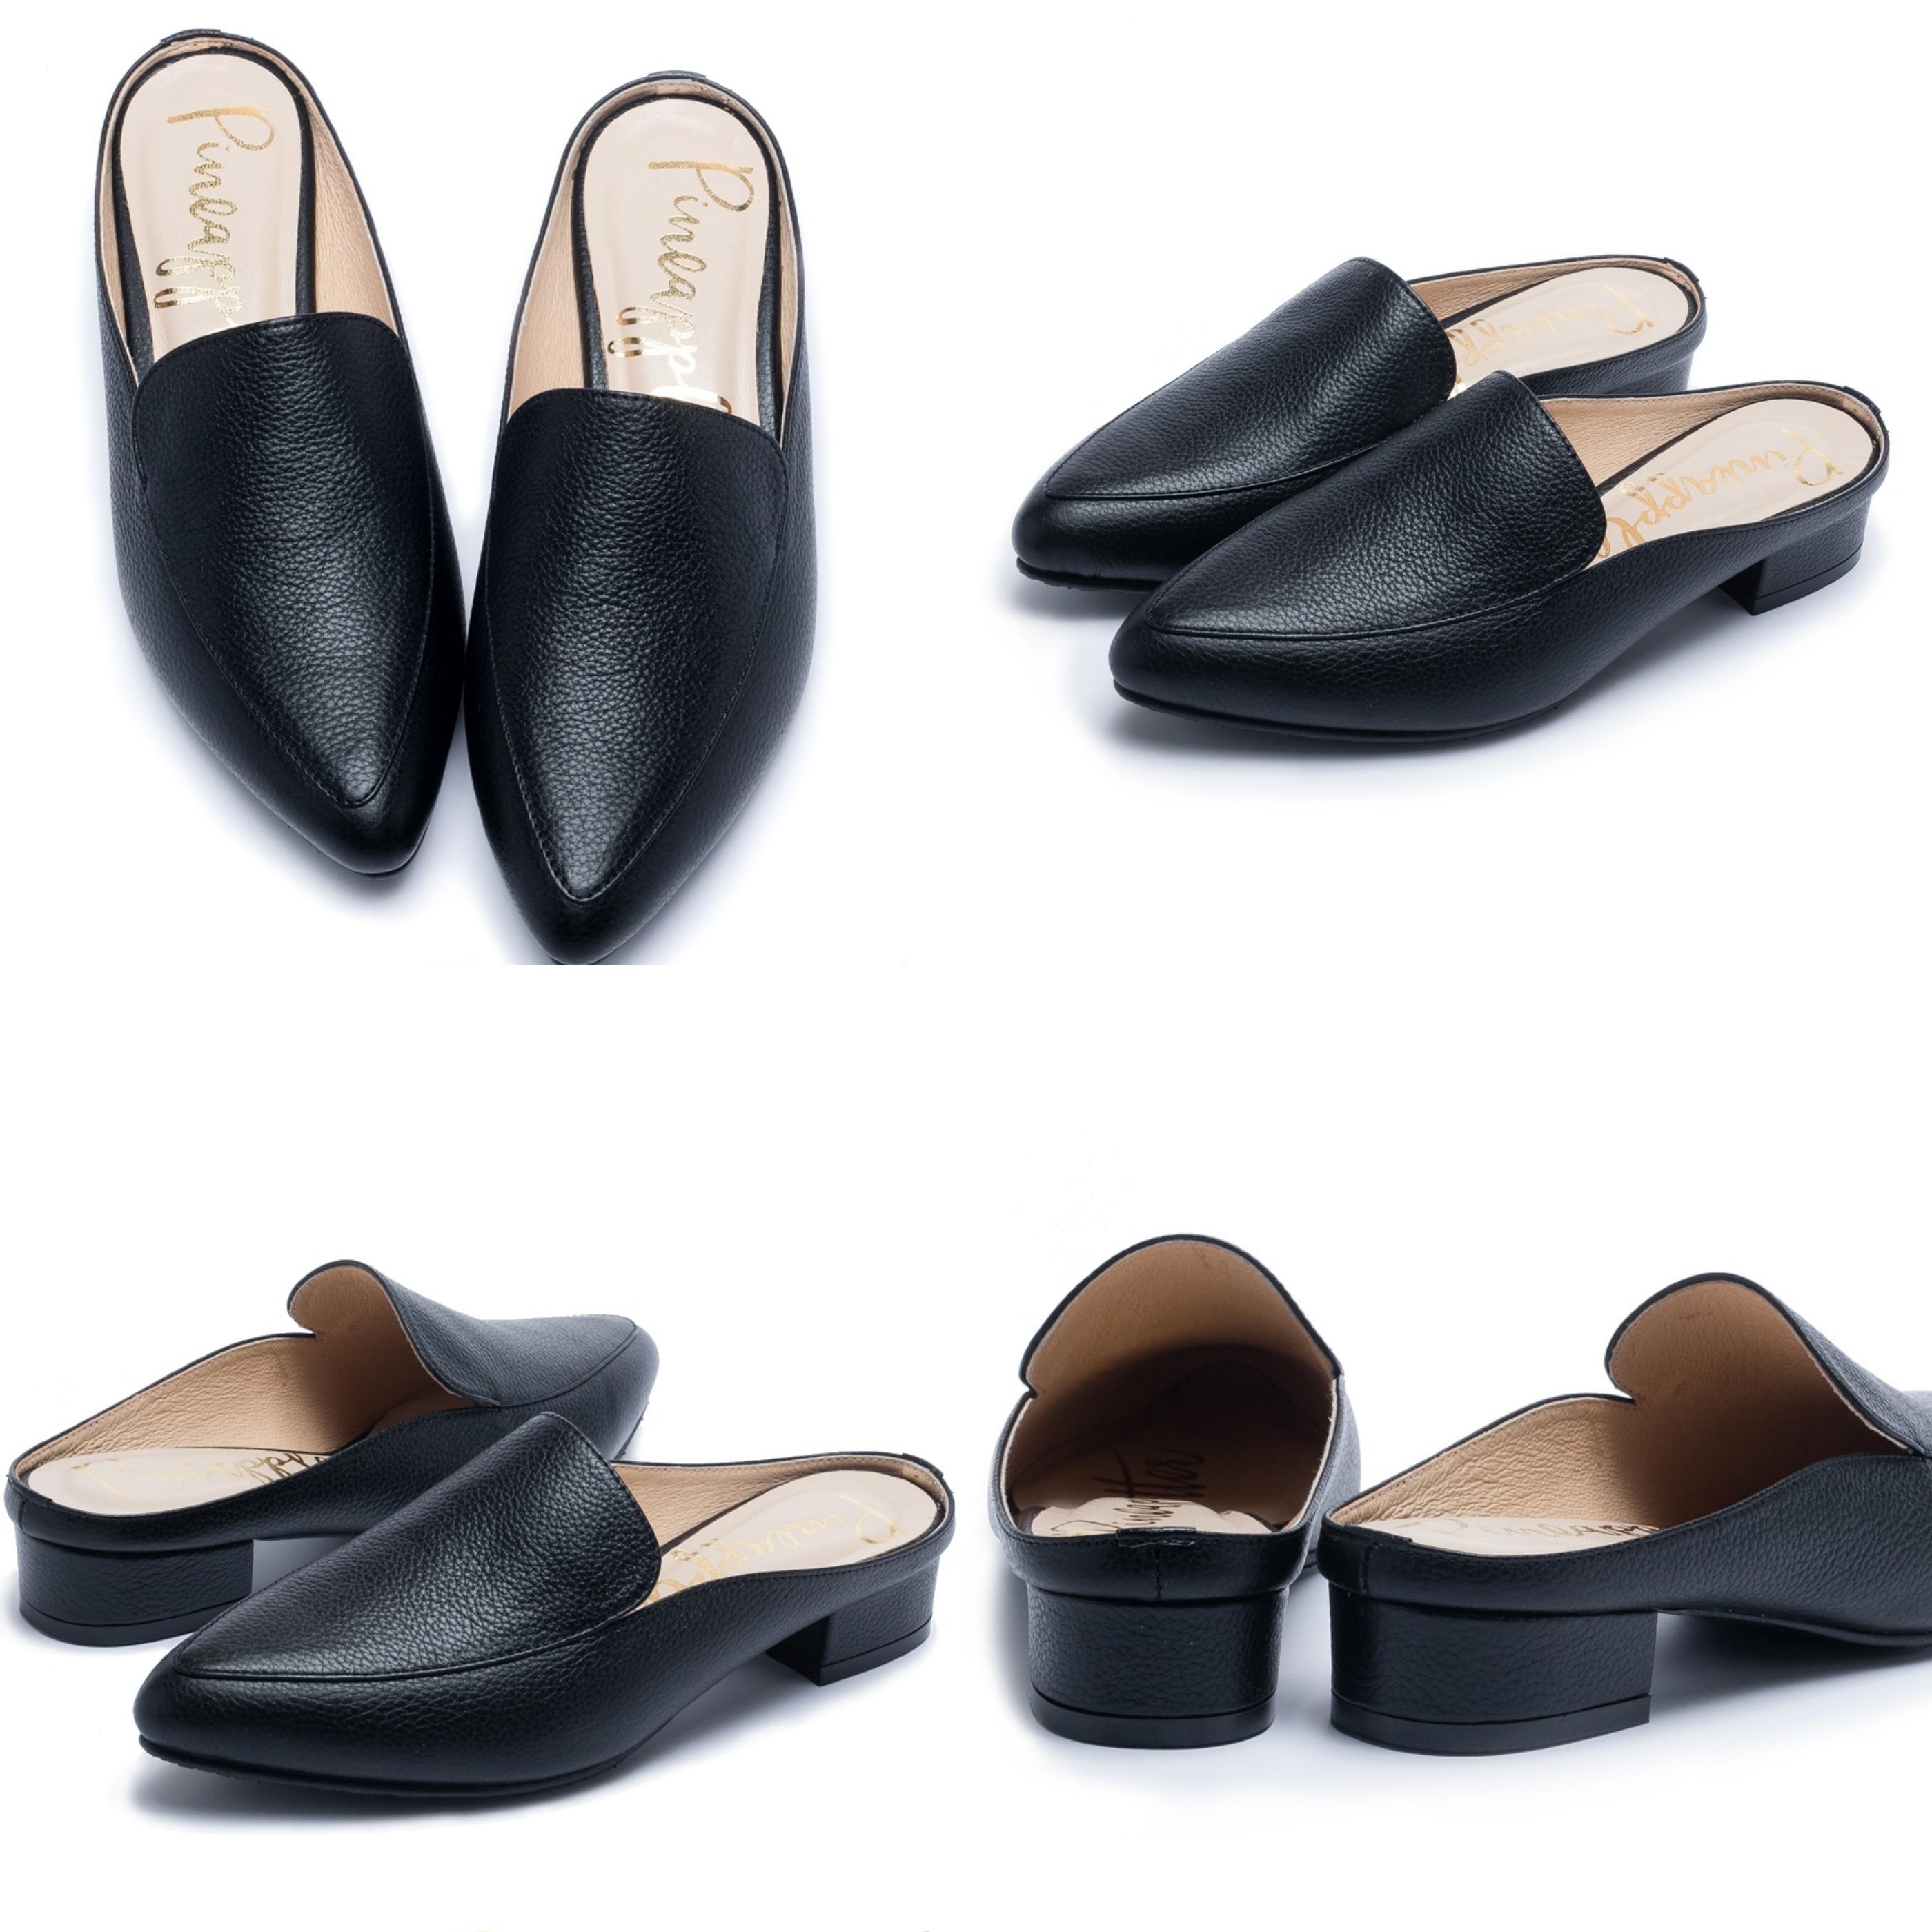 懶人最愛的穆勒鞋設計,套上就能好時髦,選擇黑色最百搭又不退流行